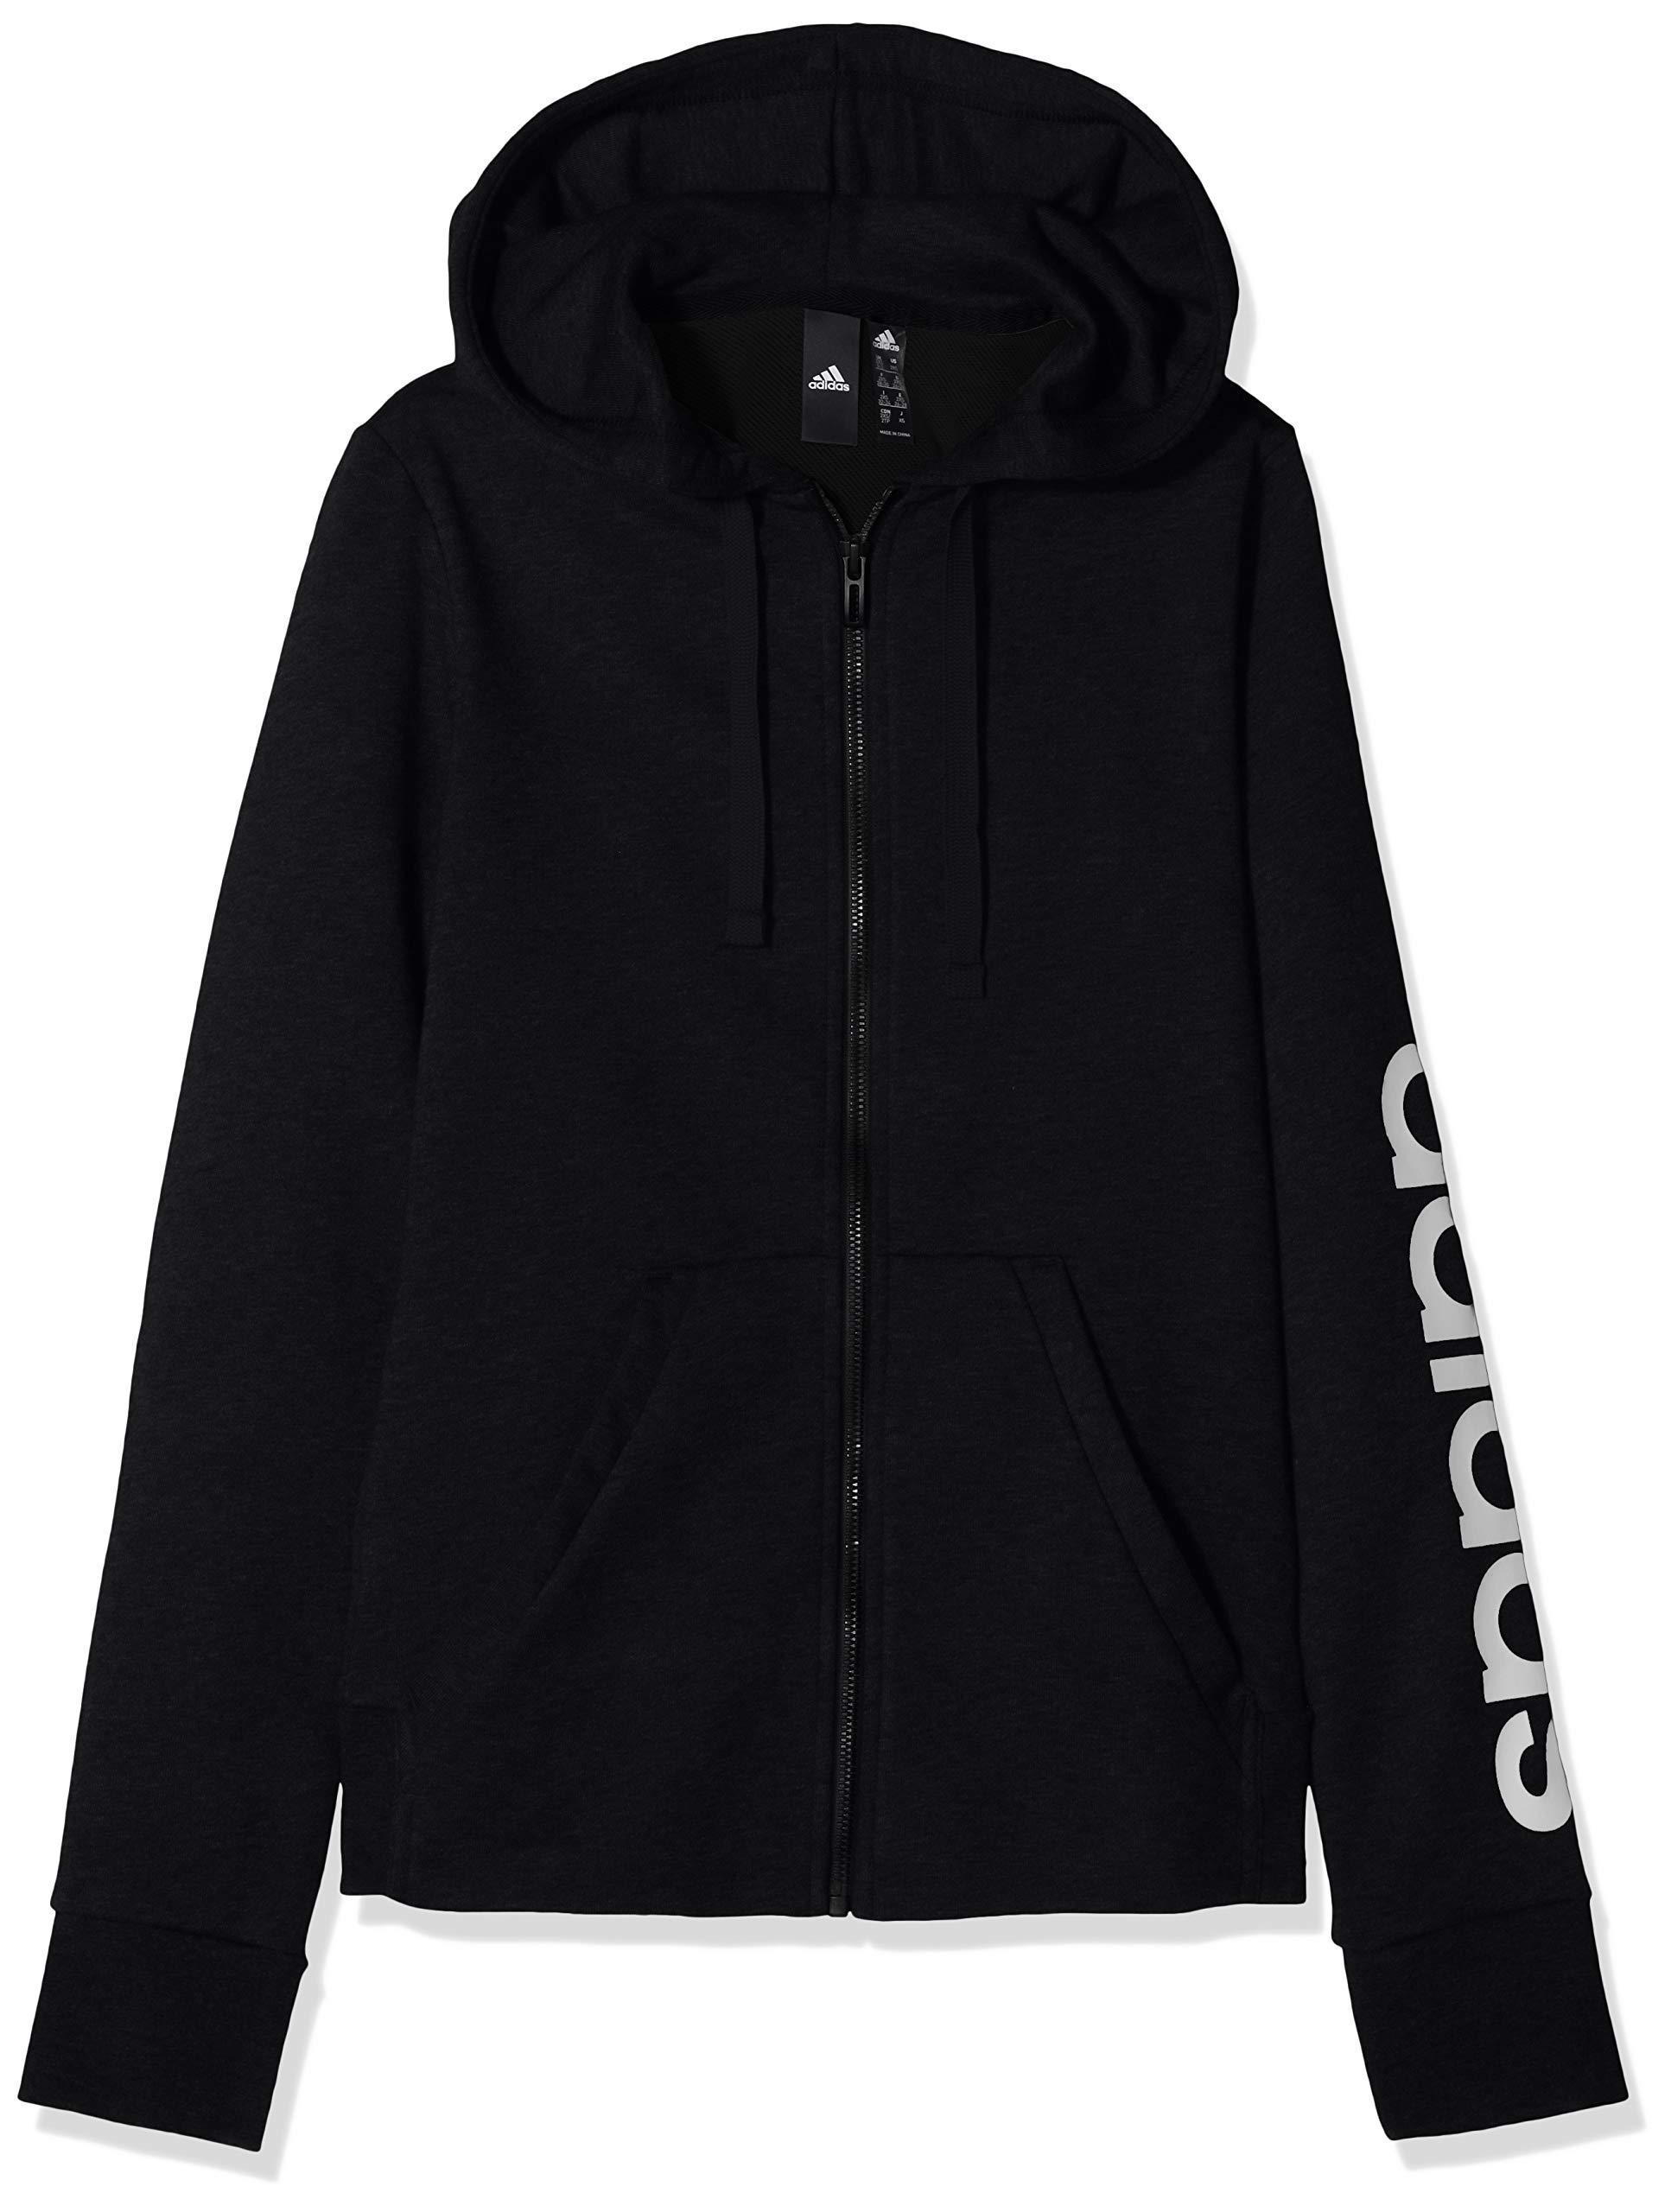 Adidas Essentials Linear Full Zip Hoodie 1 spesavip